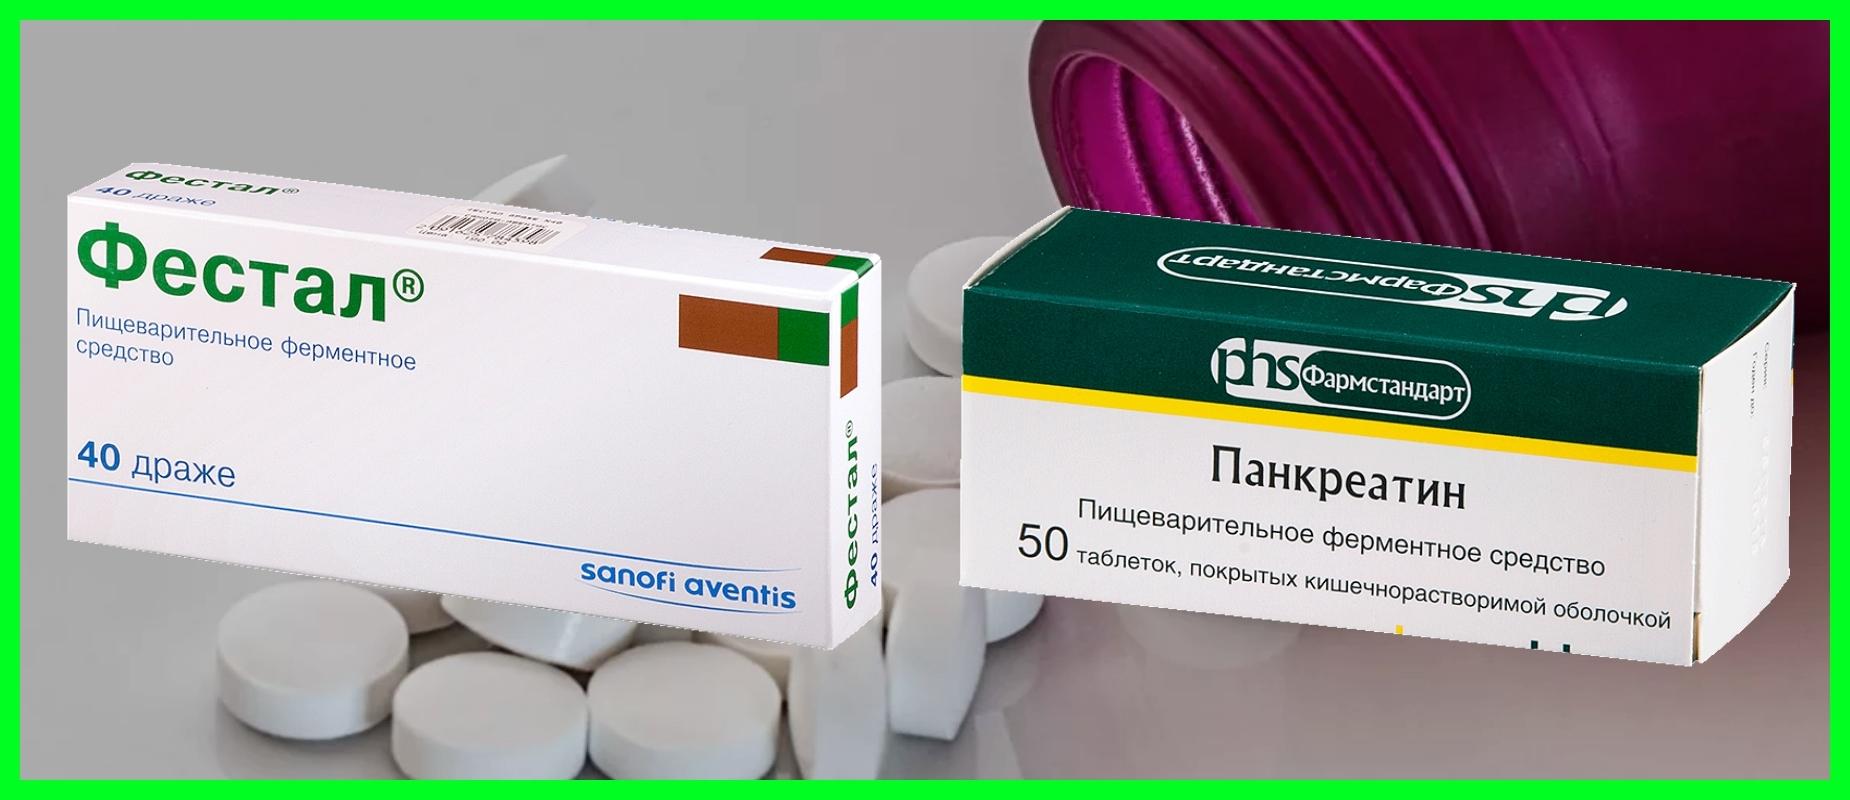 Фестал и Панкреатин